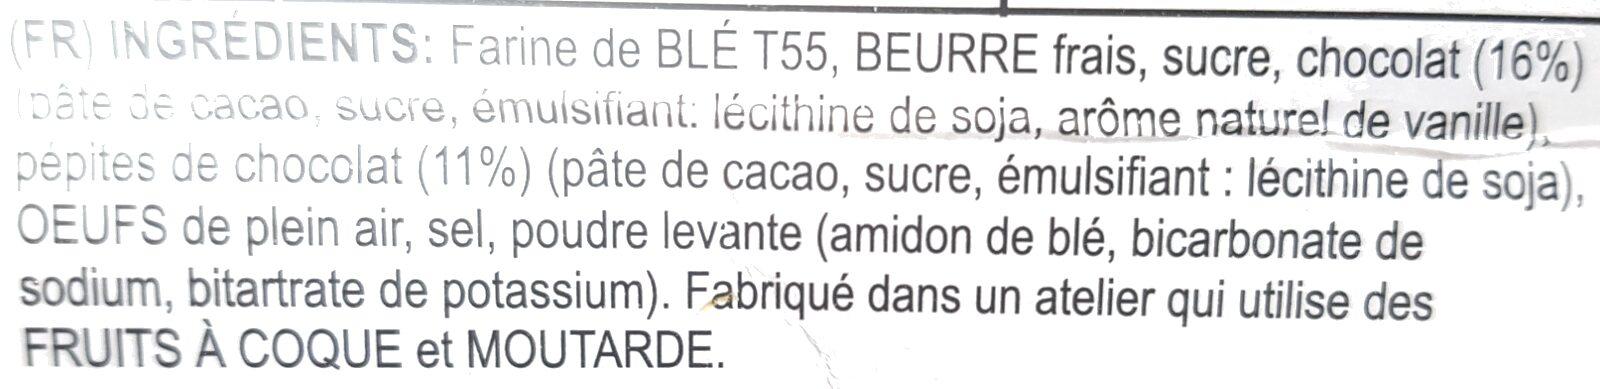 Biscuits au Chocolat - Ingrediënten - fr